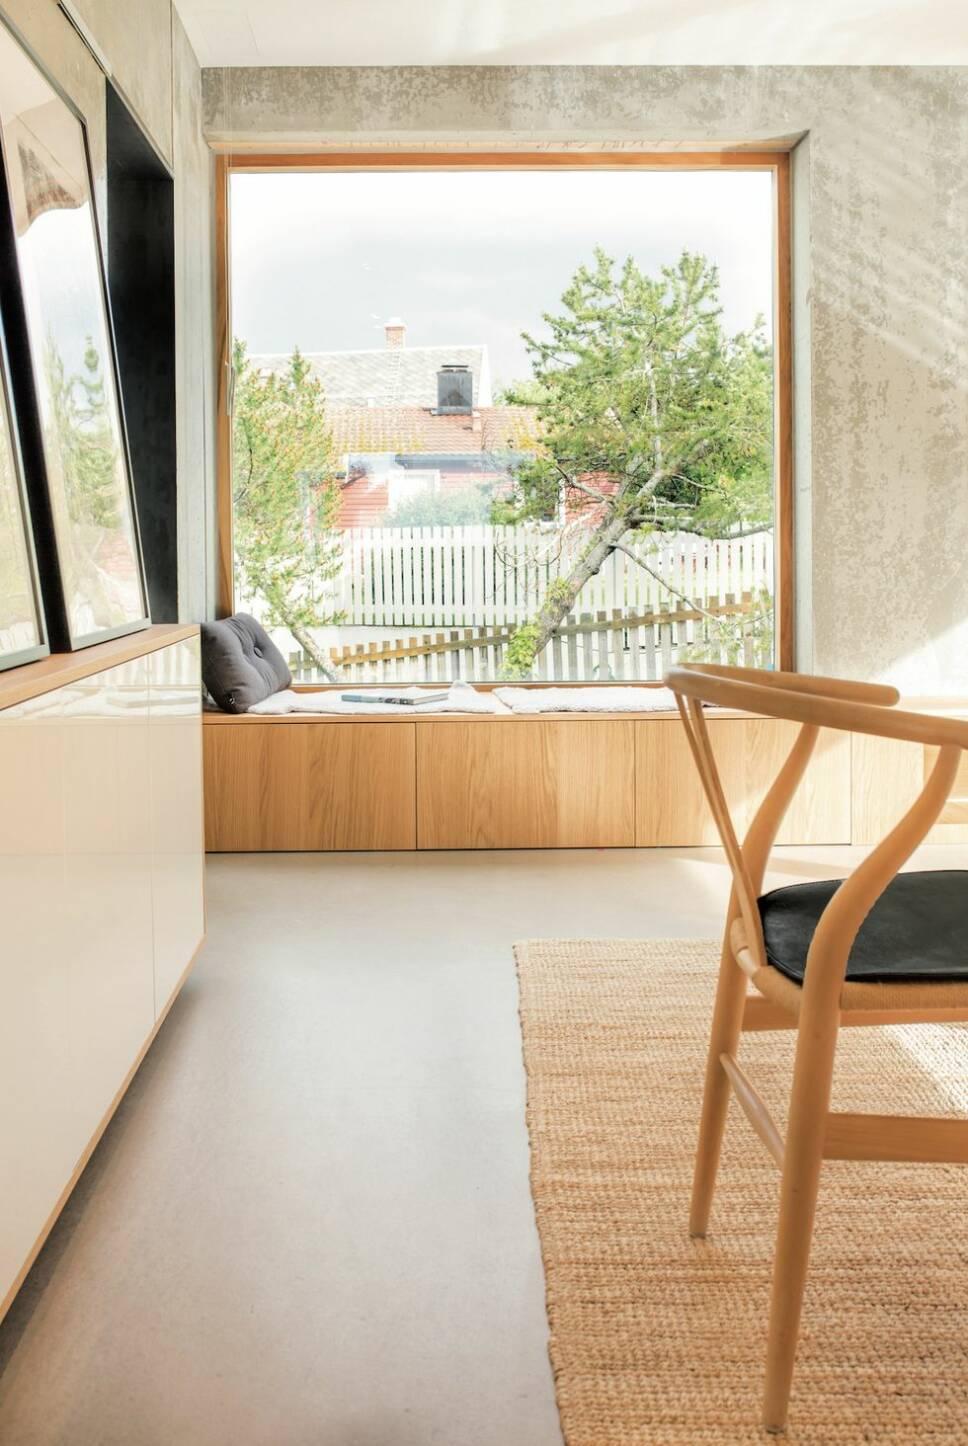 Så här bygger du en sittbänk med förvaring vid fönstret